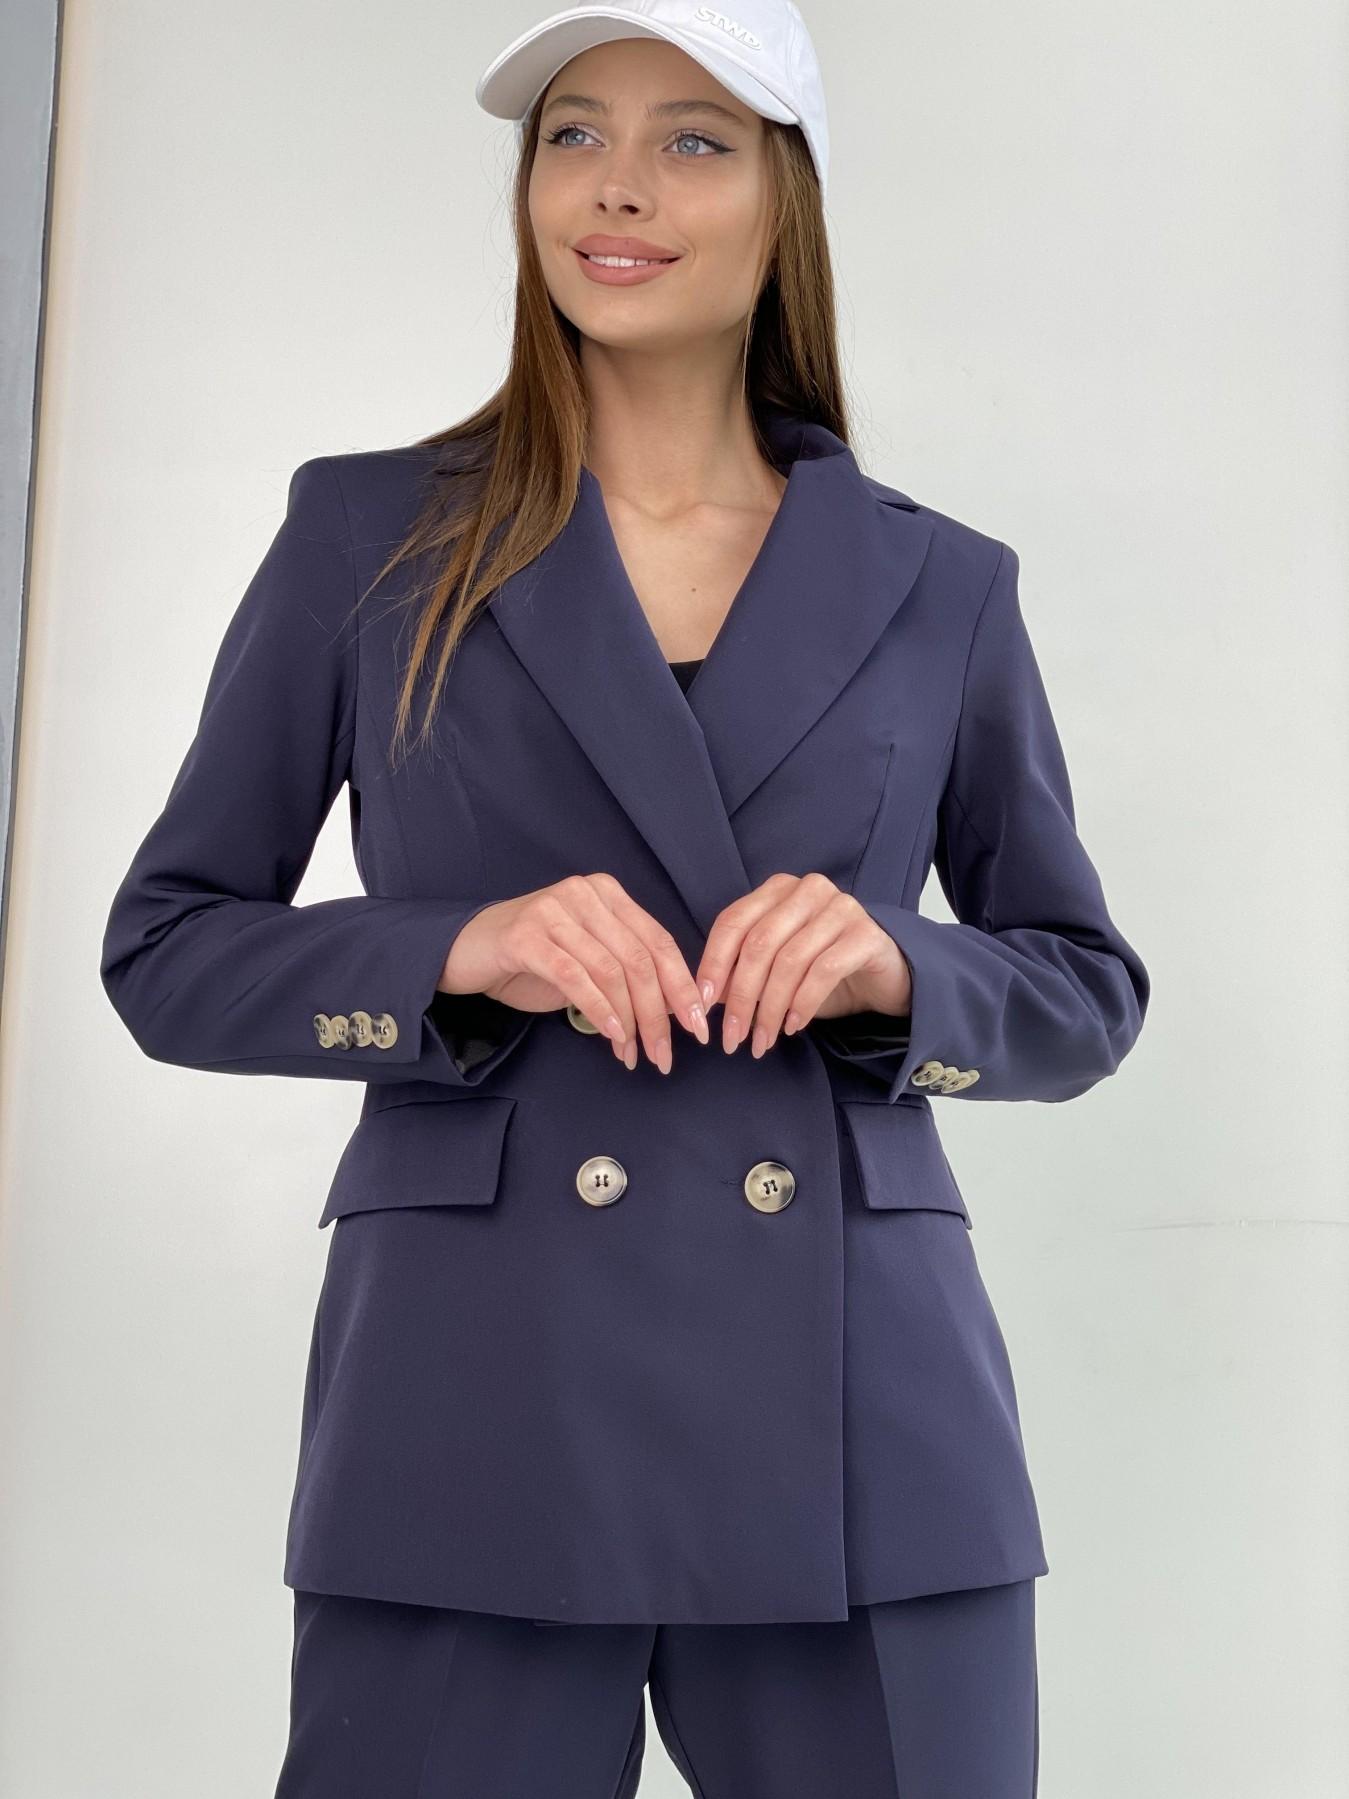 Франко костюм из костюмной ткани 11090 АРТ. 47973 Цвет: Т.синий 1 - фото 6, интернет магазин tm-modus.ru